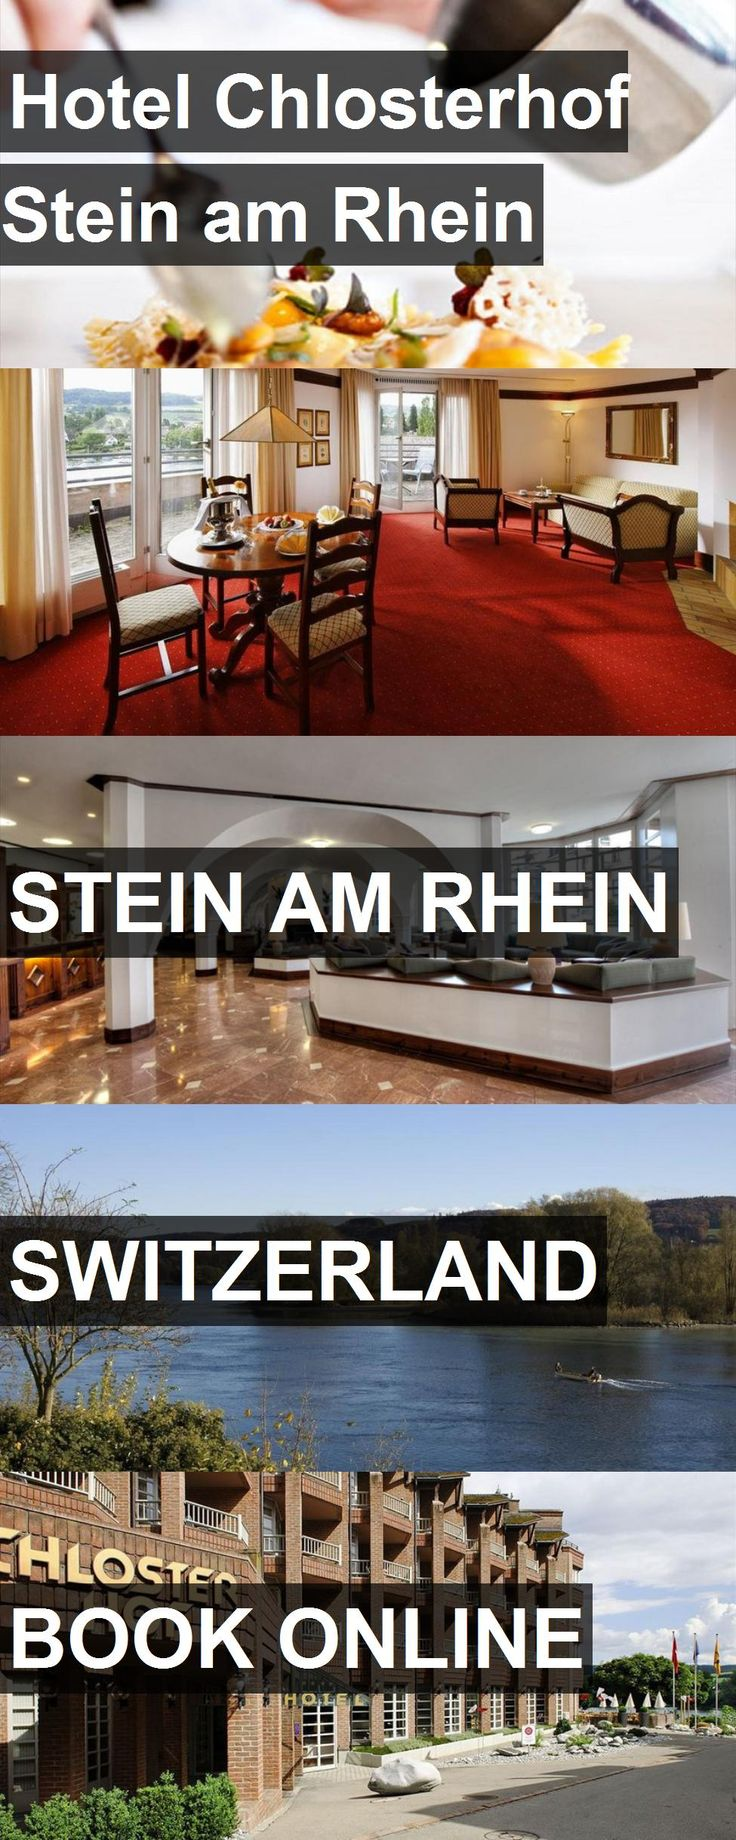 Hotel Chlosterhof Stein am Rhein in Stein am Rhein, Switzerland. For more information, photos, reviews and best prices please follow the link. #Switzerland #SteinamRhein #travel #vacation #hotel